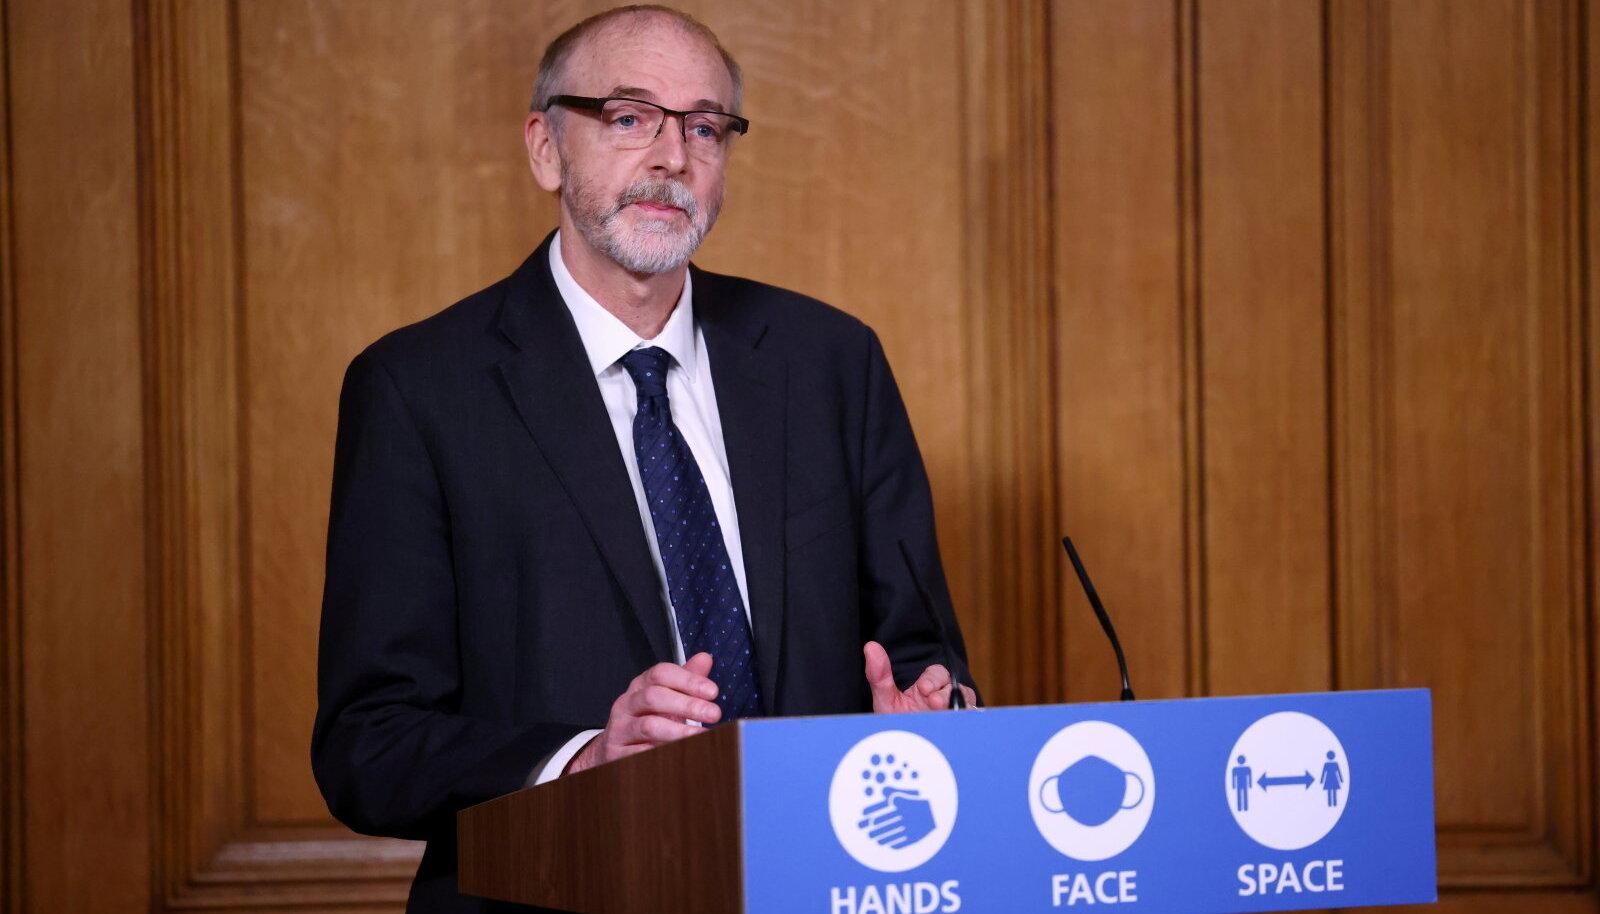 Sir Andrew Pollard möödunud novembris esinemas (foto: REUTERS / Scanpix)